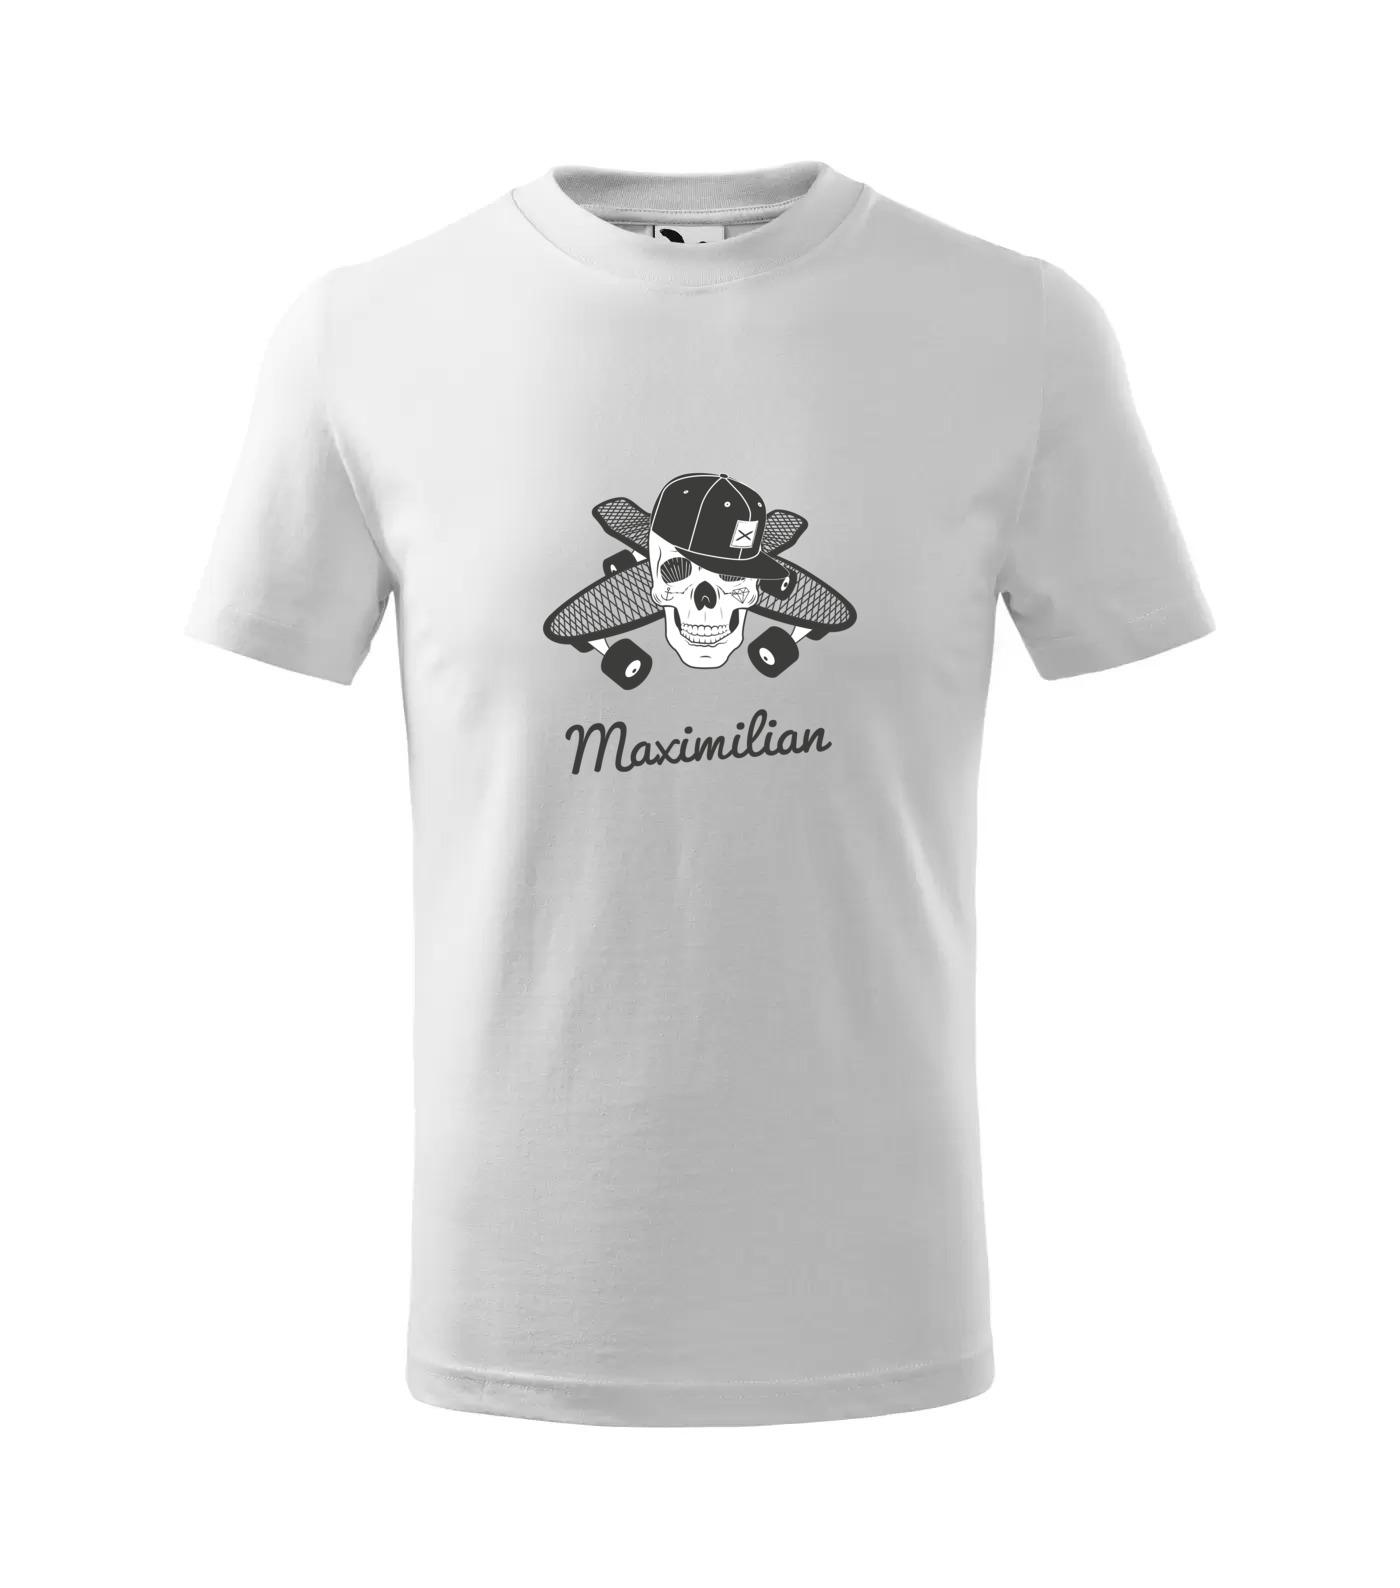 Tričko Skejťák Maximilian